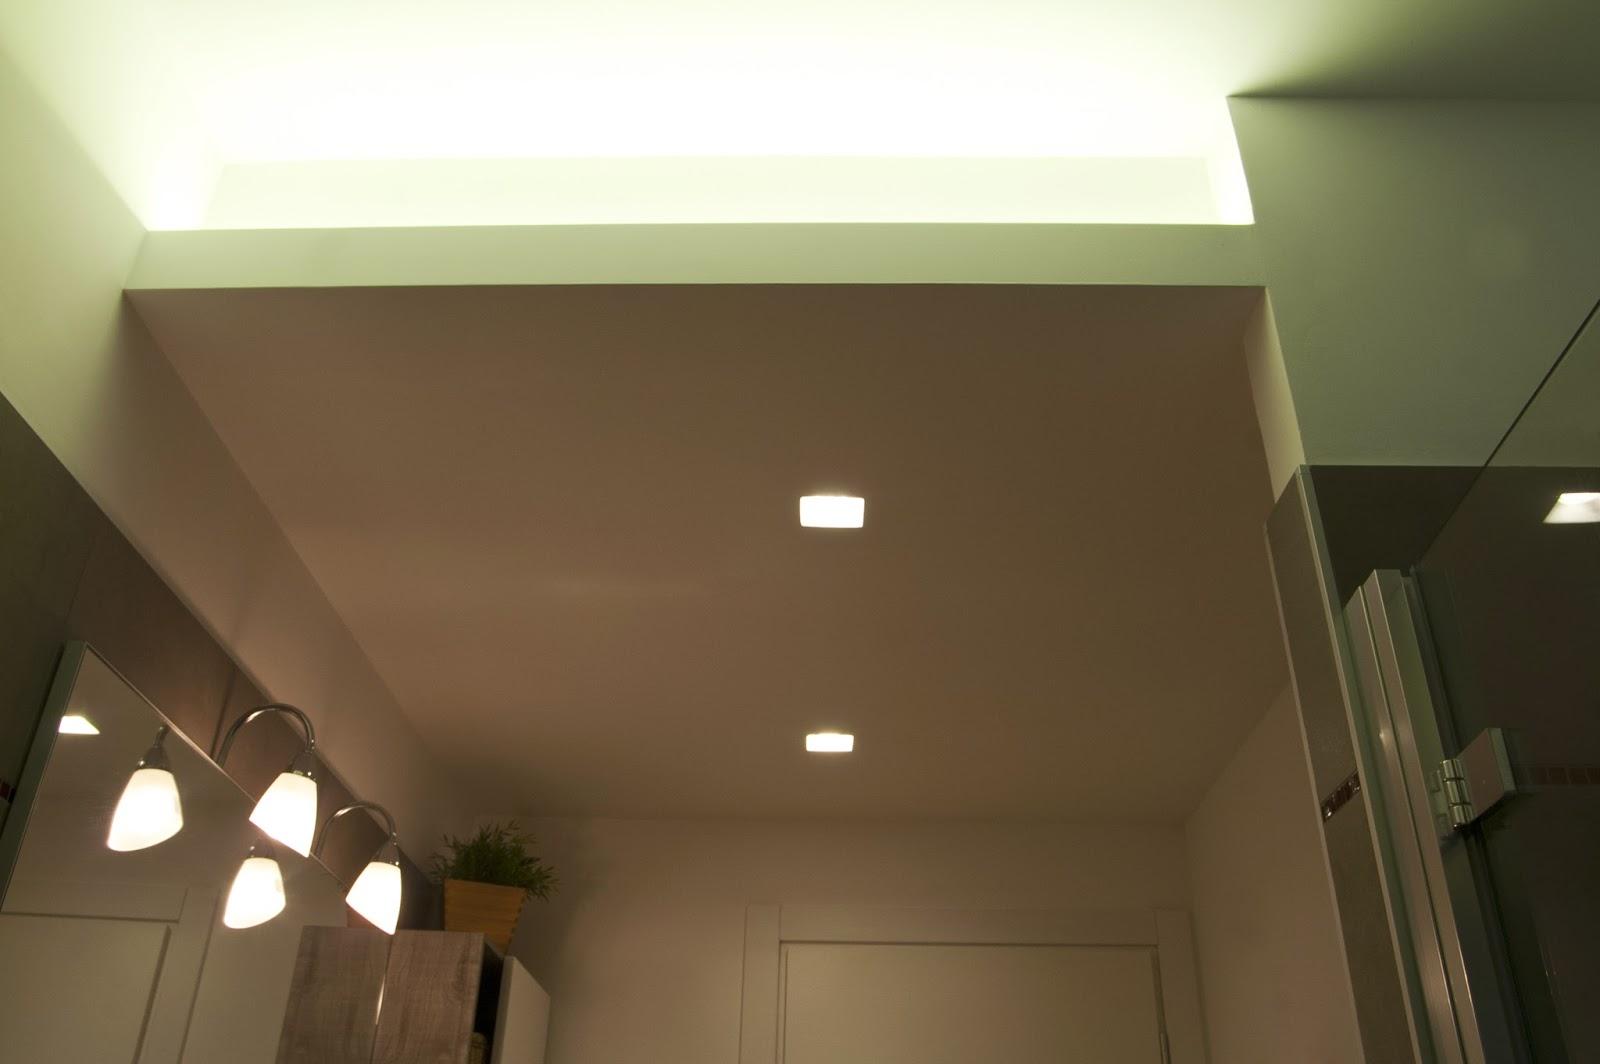 Illuminazione Ingresso Appartamento : Illuminazione led casa illuminazione a torino ristrutturando un